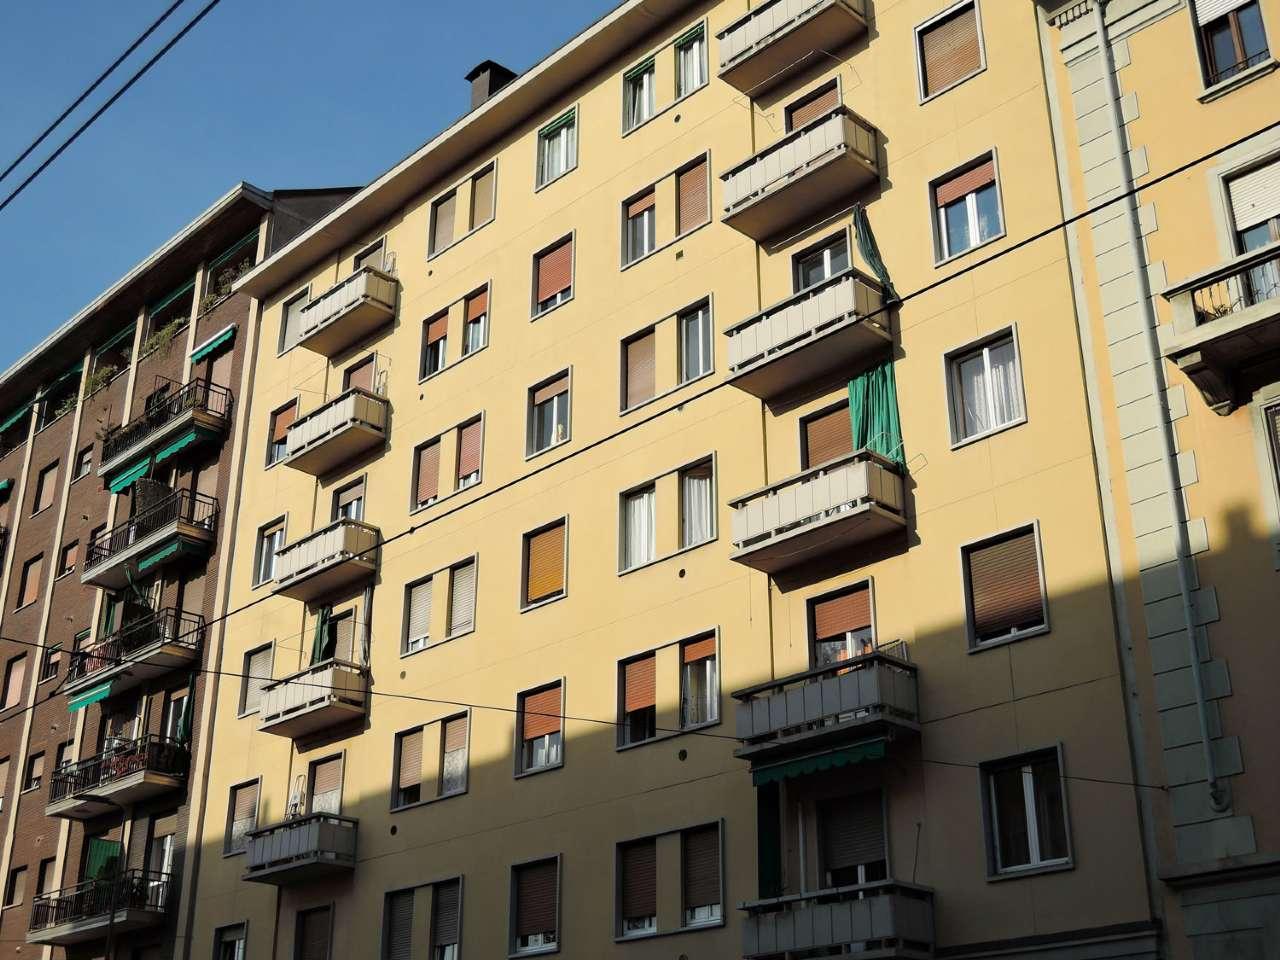 Appartamento in vendita a Milano, 2 locali, zona Zona: 17 . Quarto Oggiaro, Villapizzone, Certosa, Vialba, prezzo € 158.000   CambioCasa.it